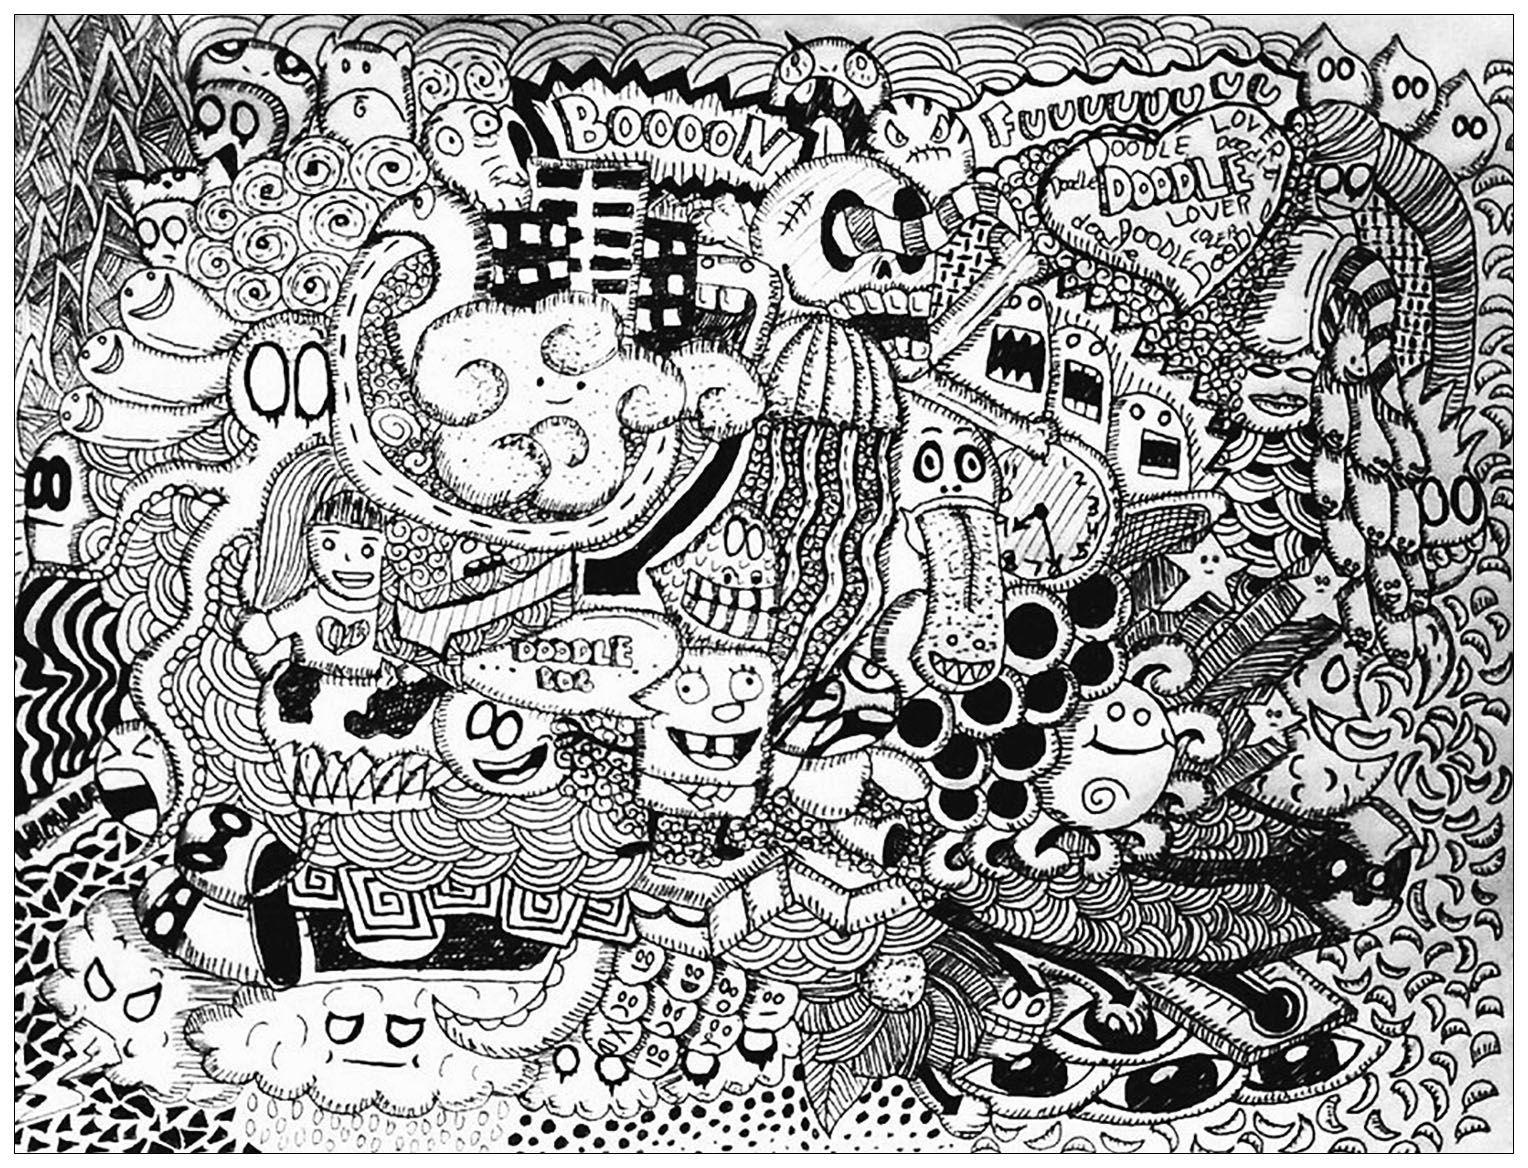 17 bästa bilder om Doodling / Doodles / Doodle art på Pinterest ...